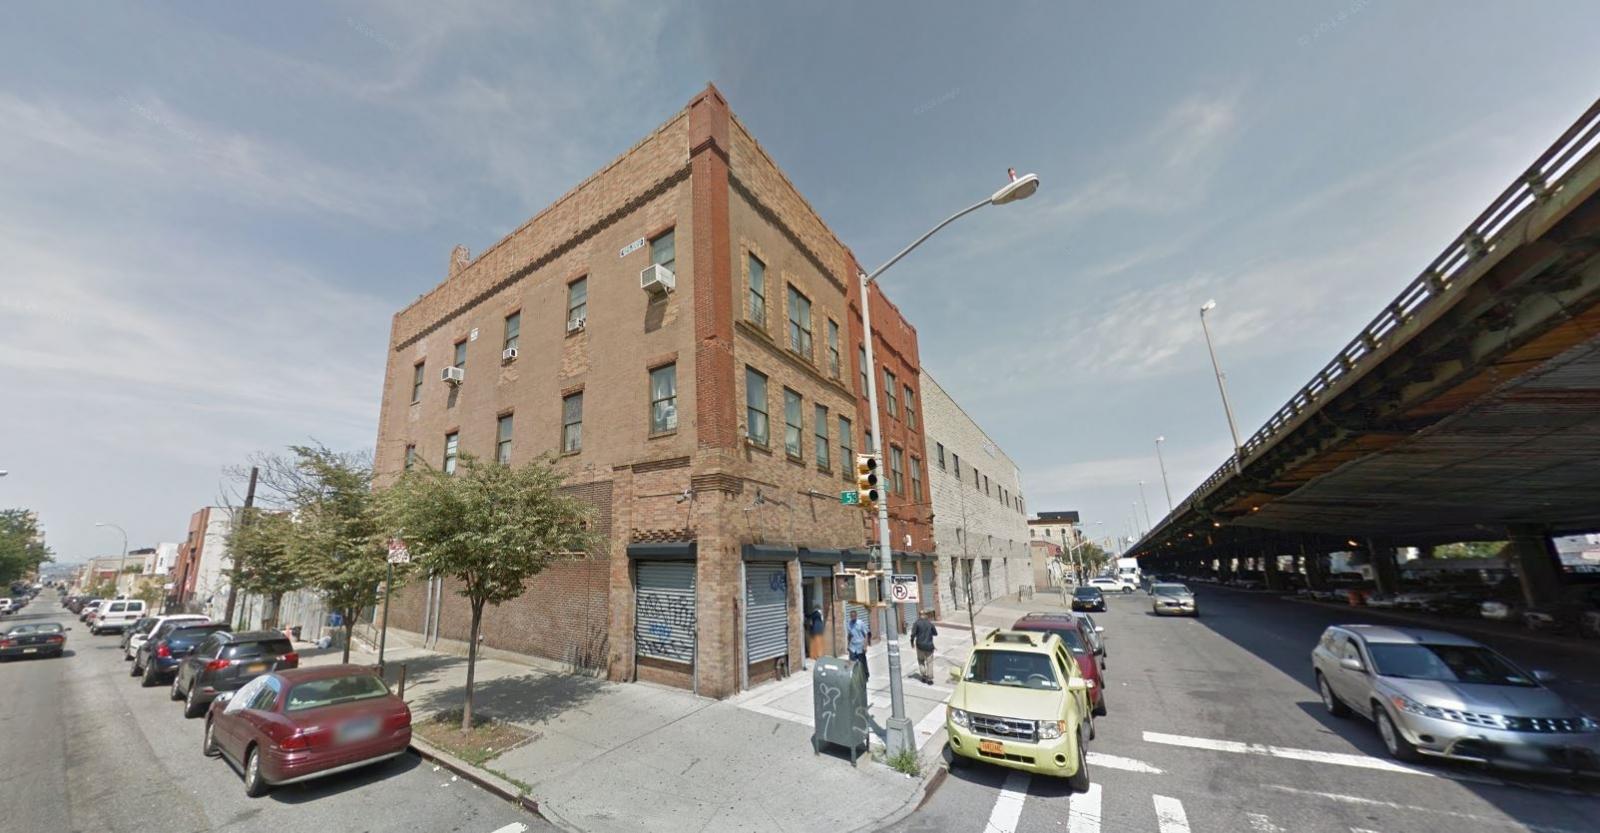 Muslim Community Center in Brooklyn